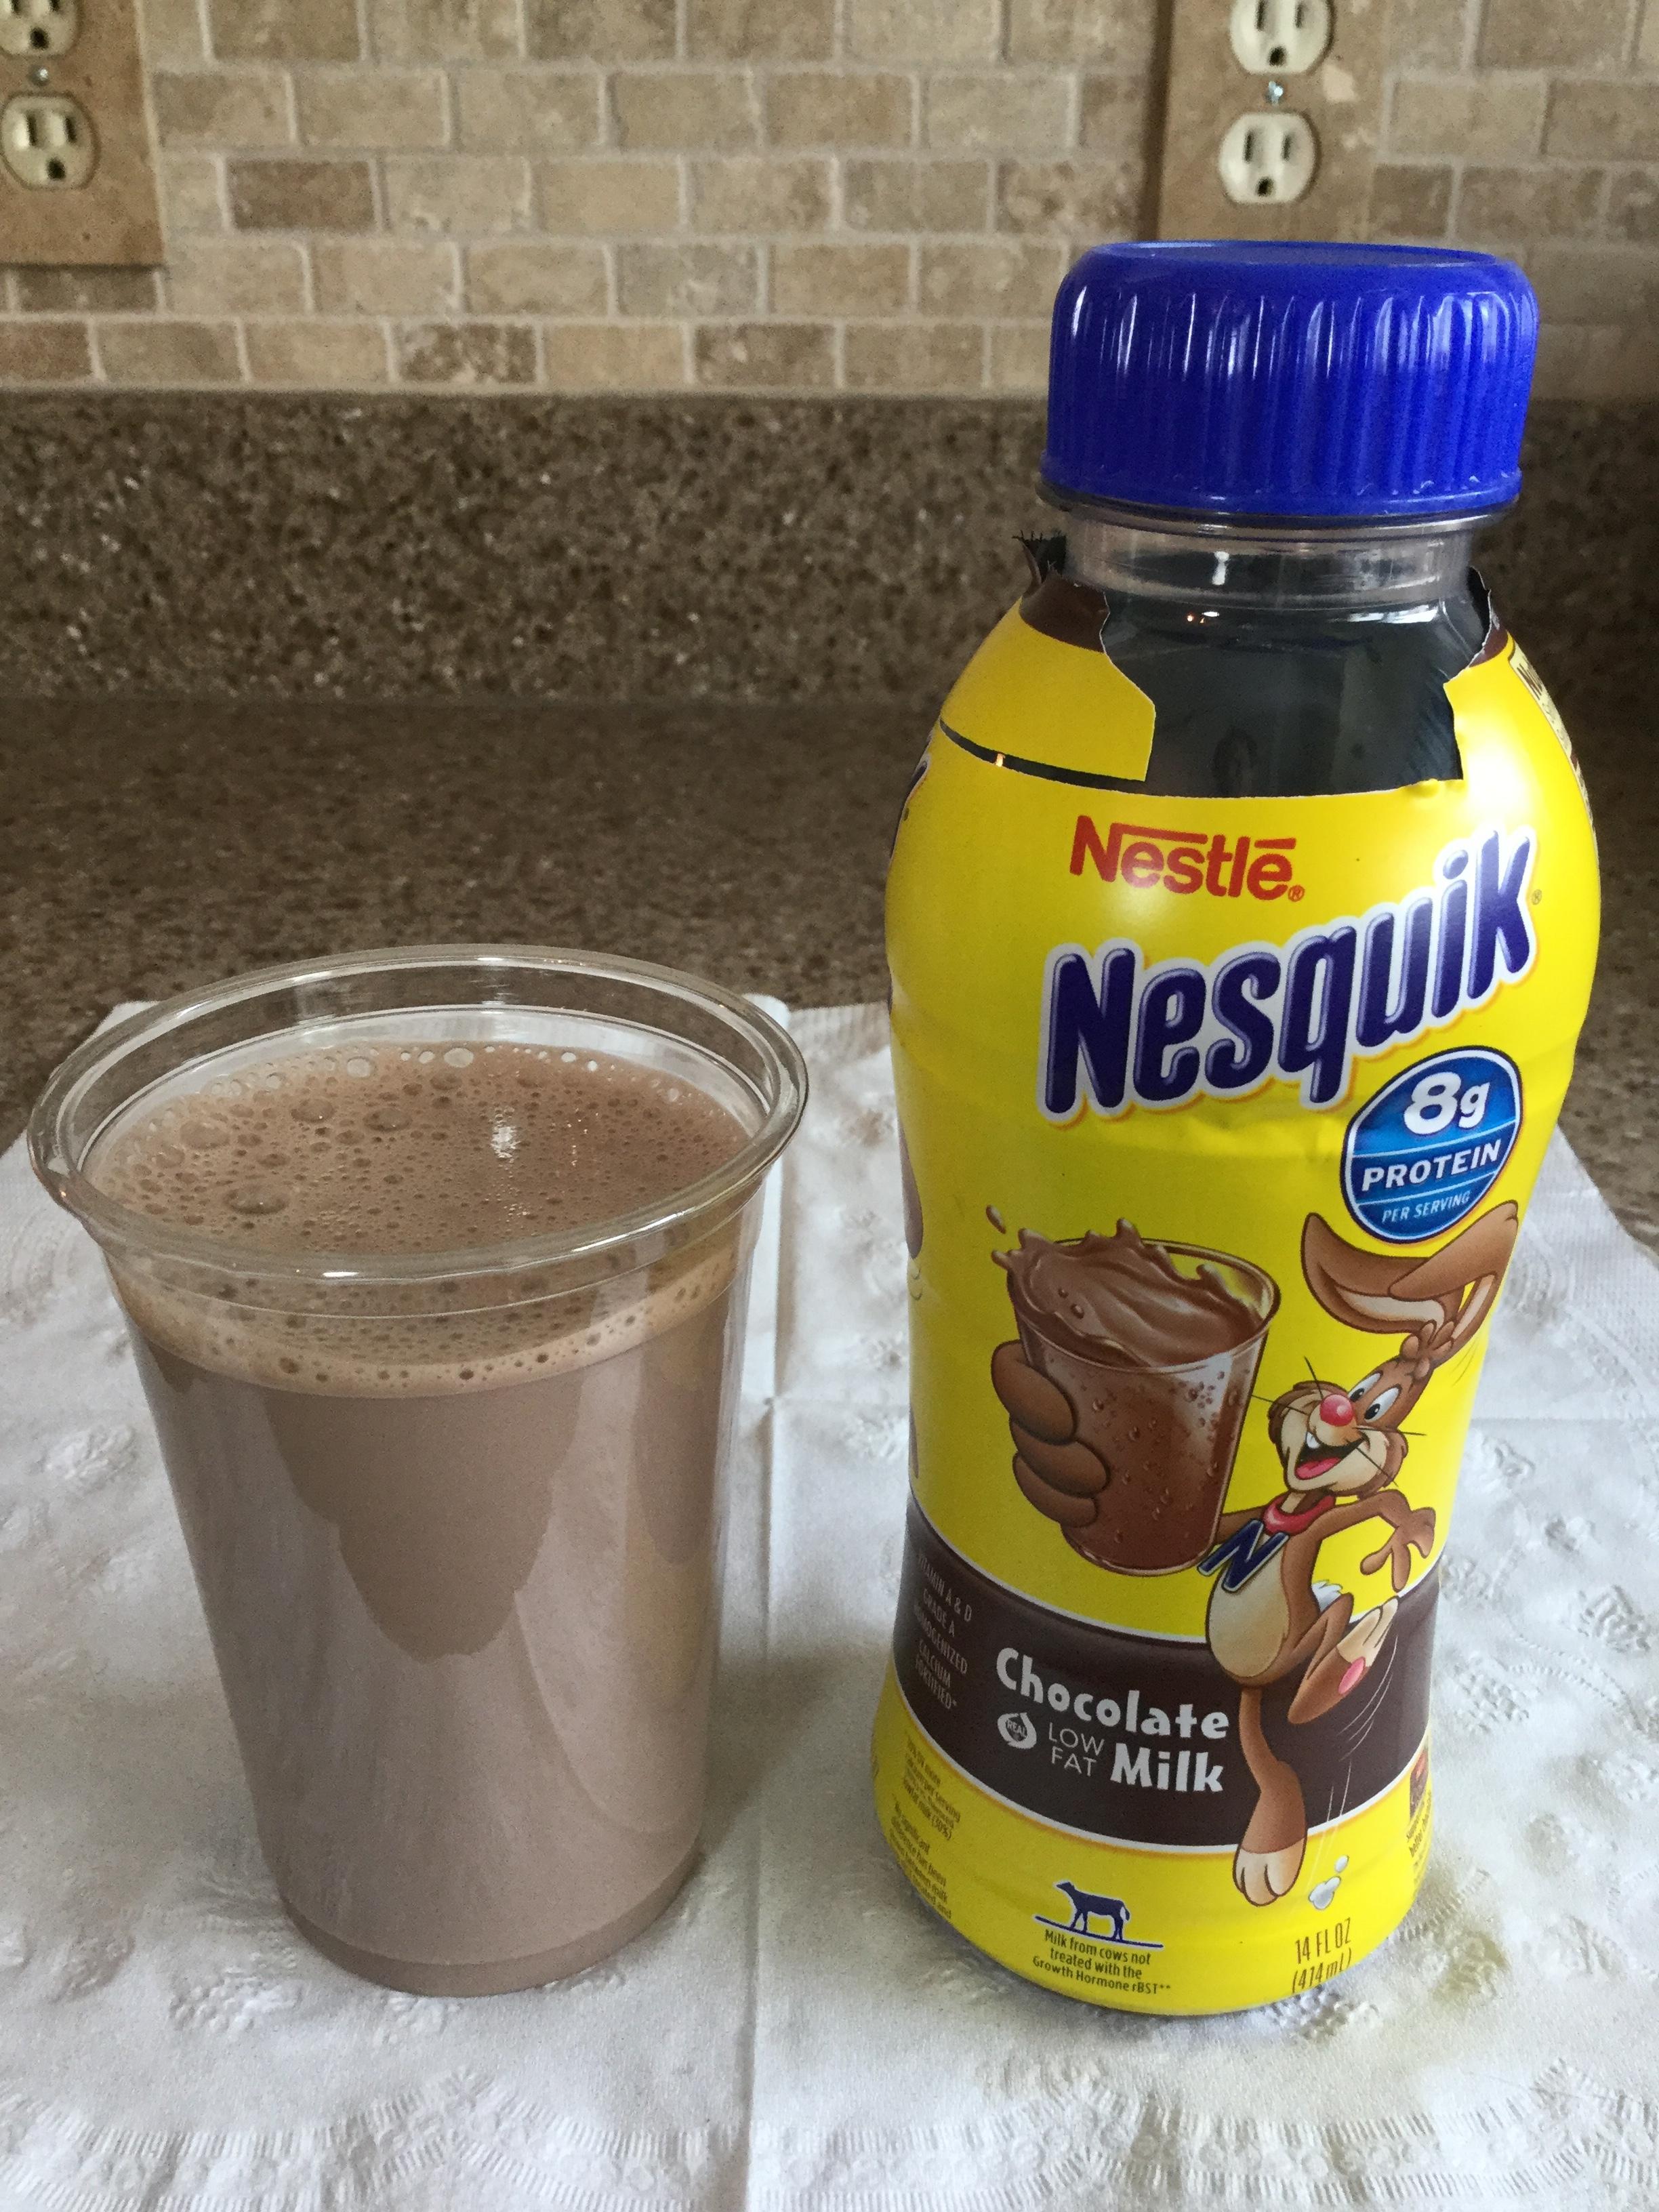 Nestle Nesquik Low Fat Chocolate Milk Cup